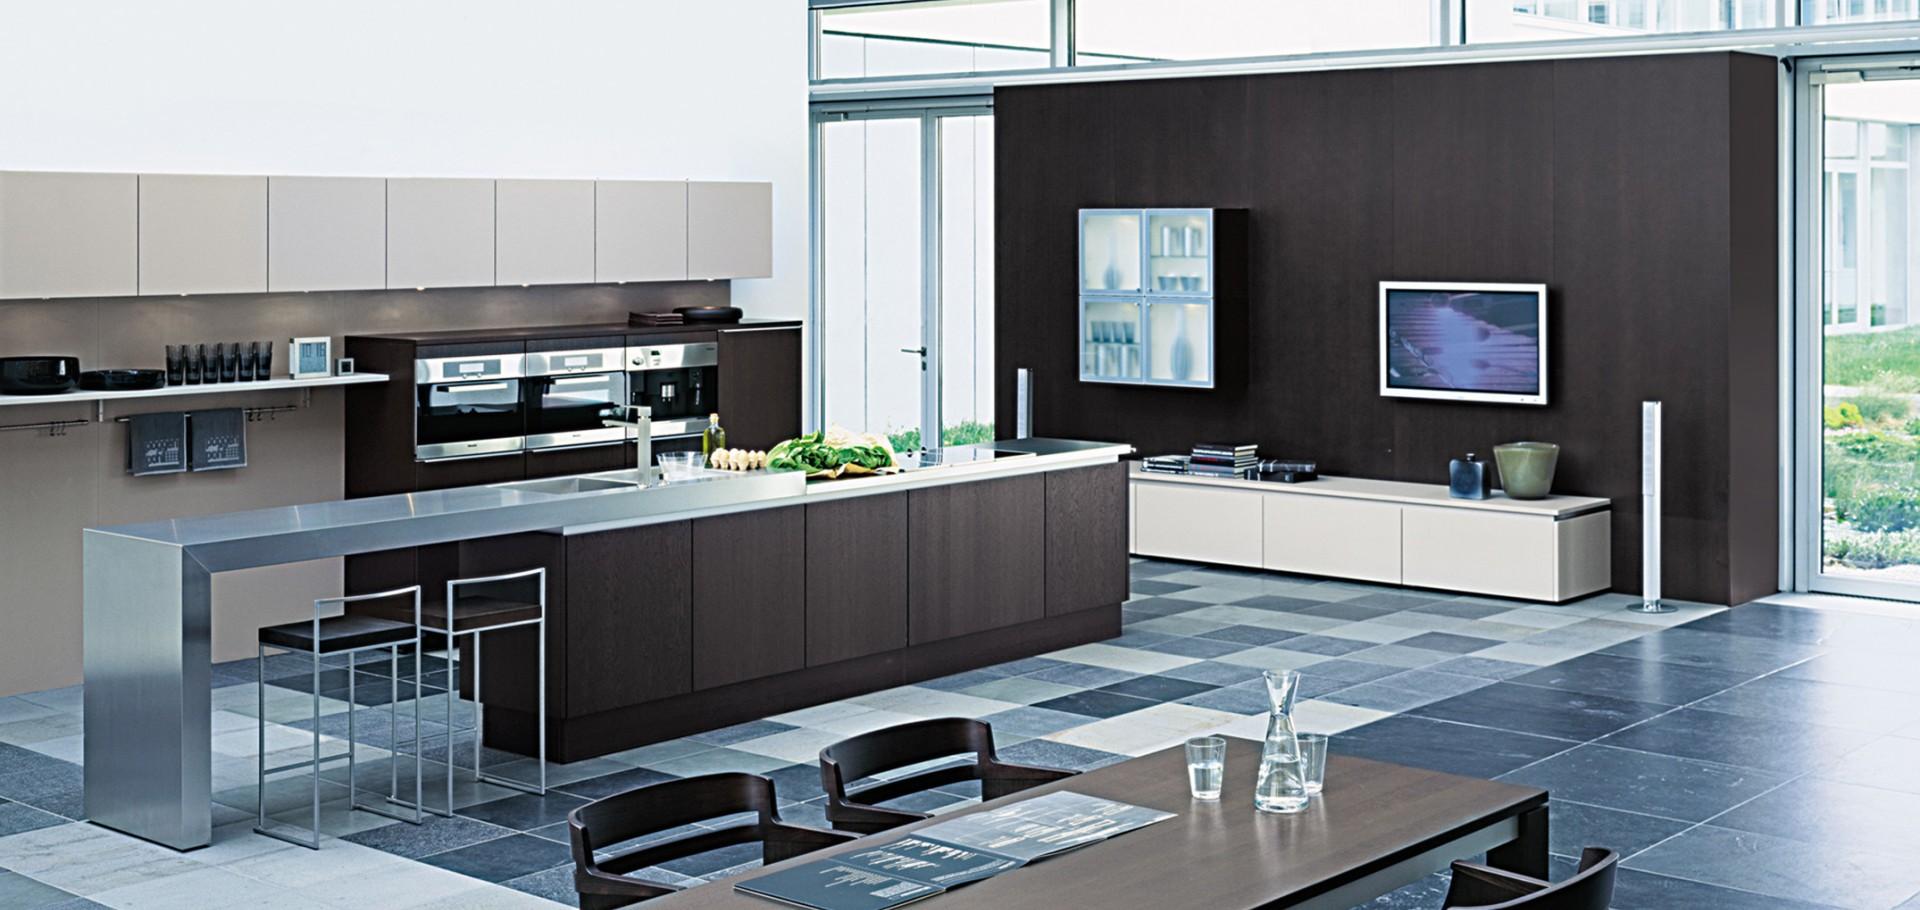 Kitchen Cabinets Miami Design District hausScape | Miami Design District